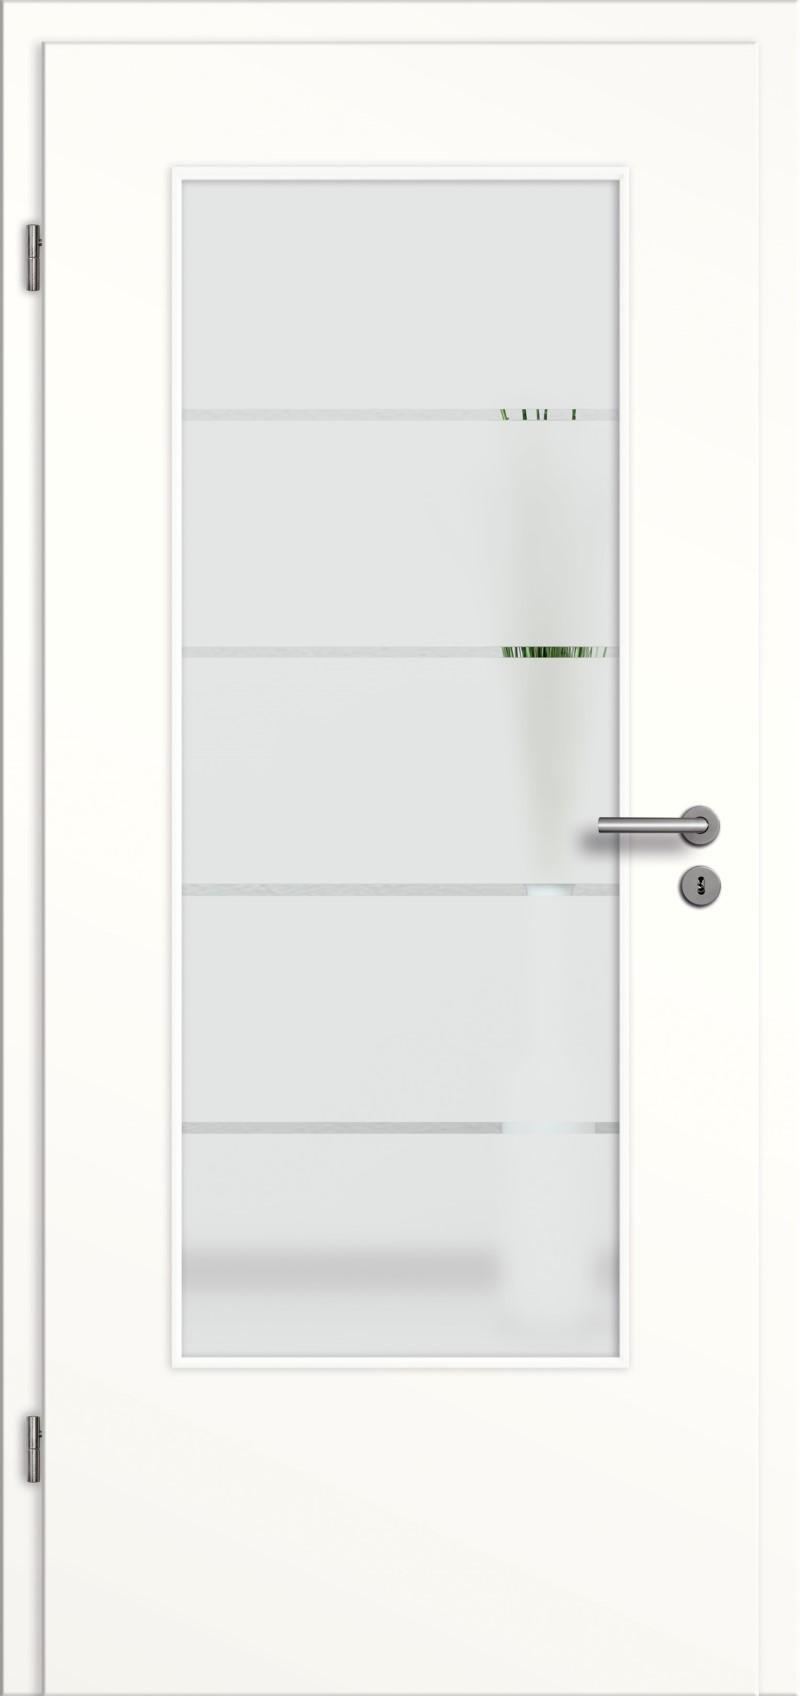 Tür Weis Glas ~ Bild zeigt Tür, Türzarge und Türgriff Die Türzarge und der